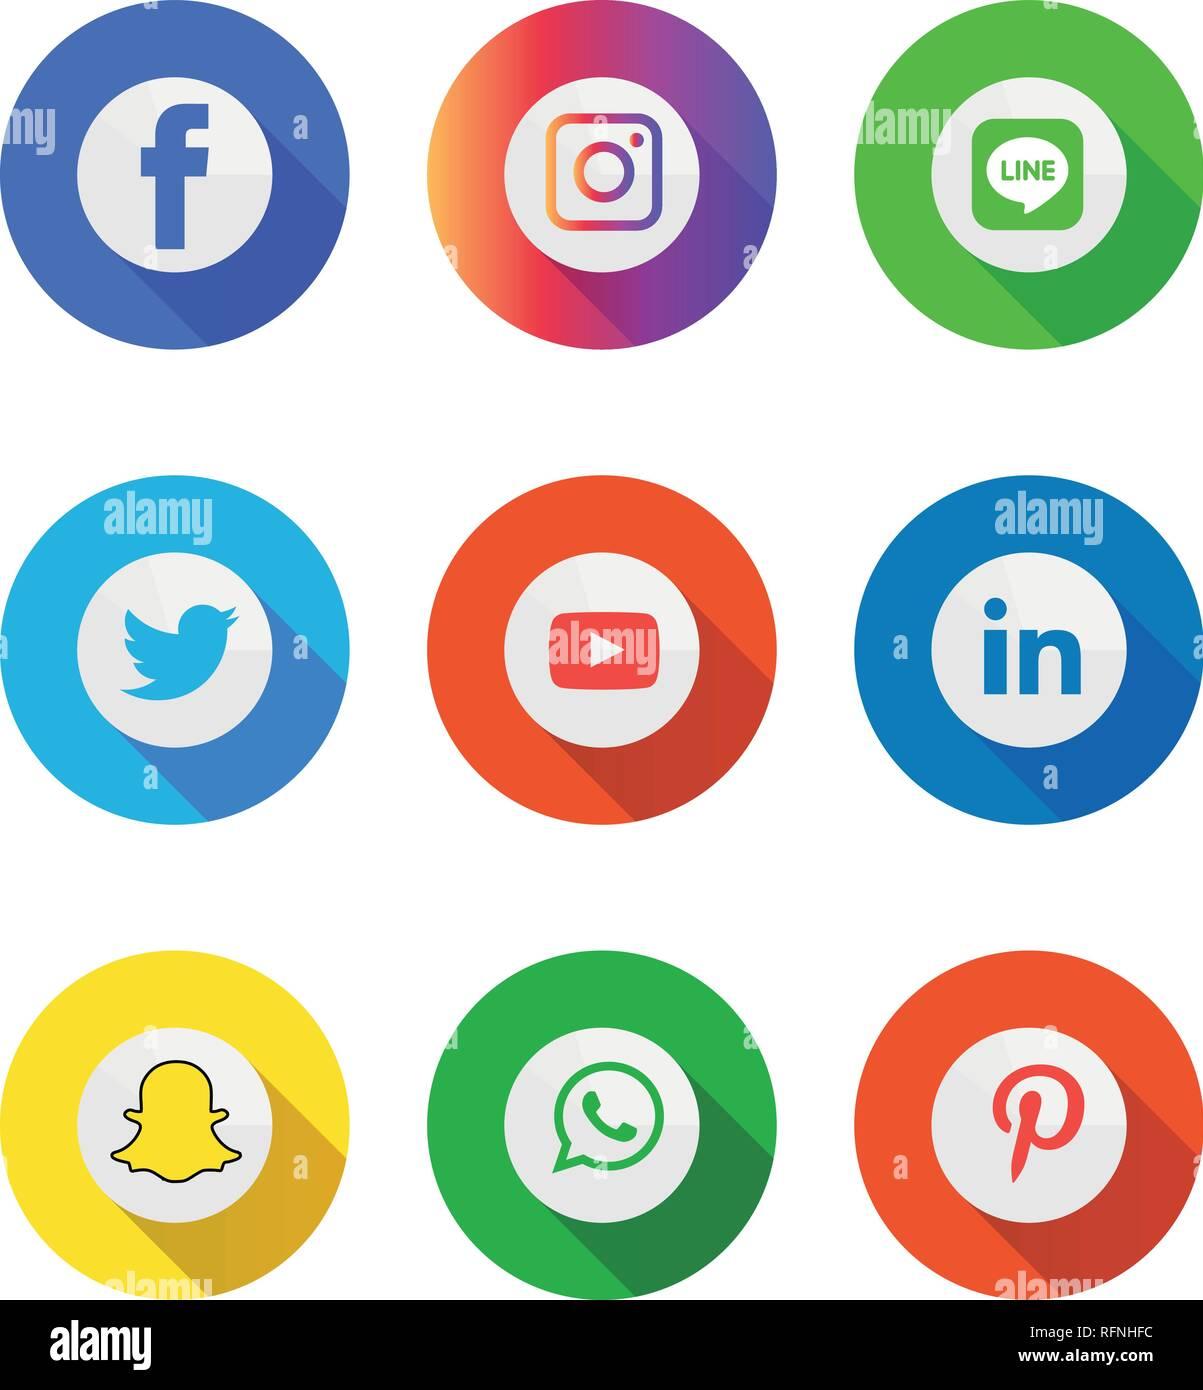 Social Media Icons Set Logo Vector Illustrator Facebook Instagram Twitter Whatsapp Google Plus Google Pinterest Linkedin Messenger Stock Vector Image Art Alamy